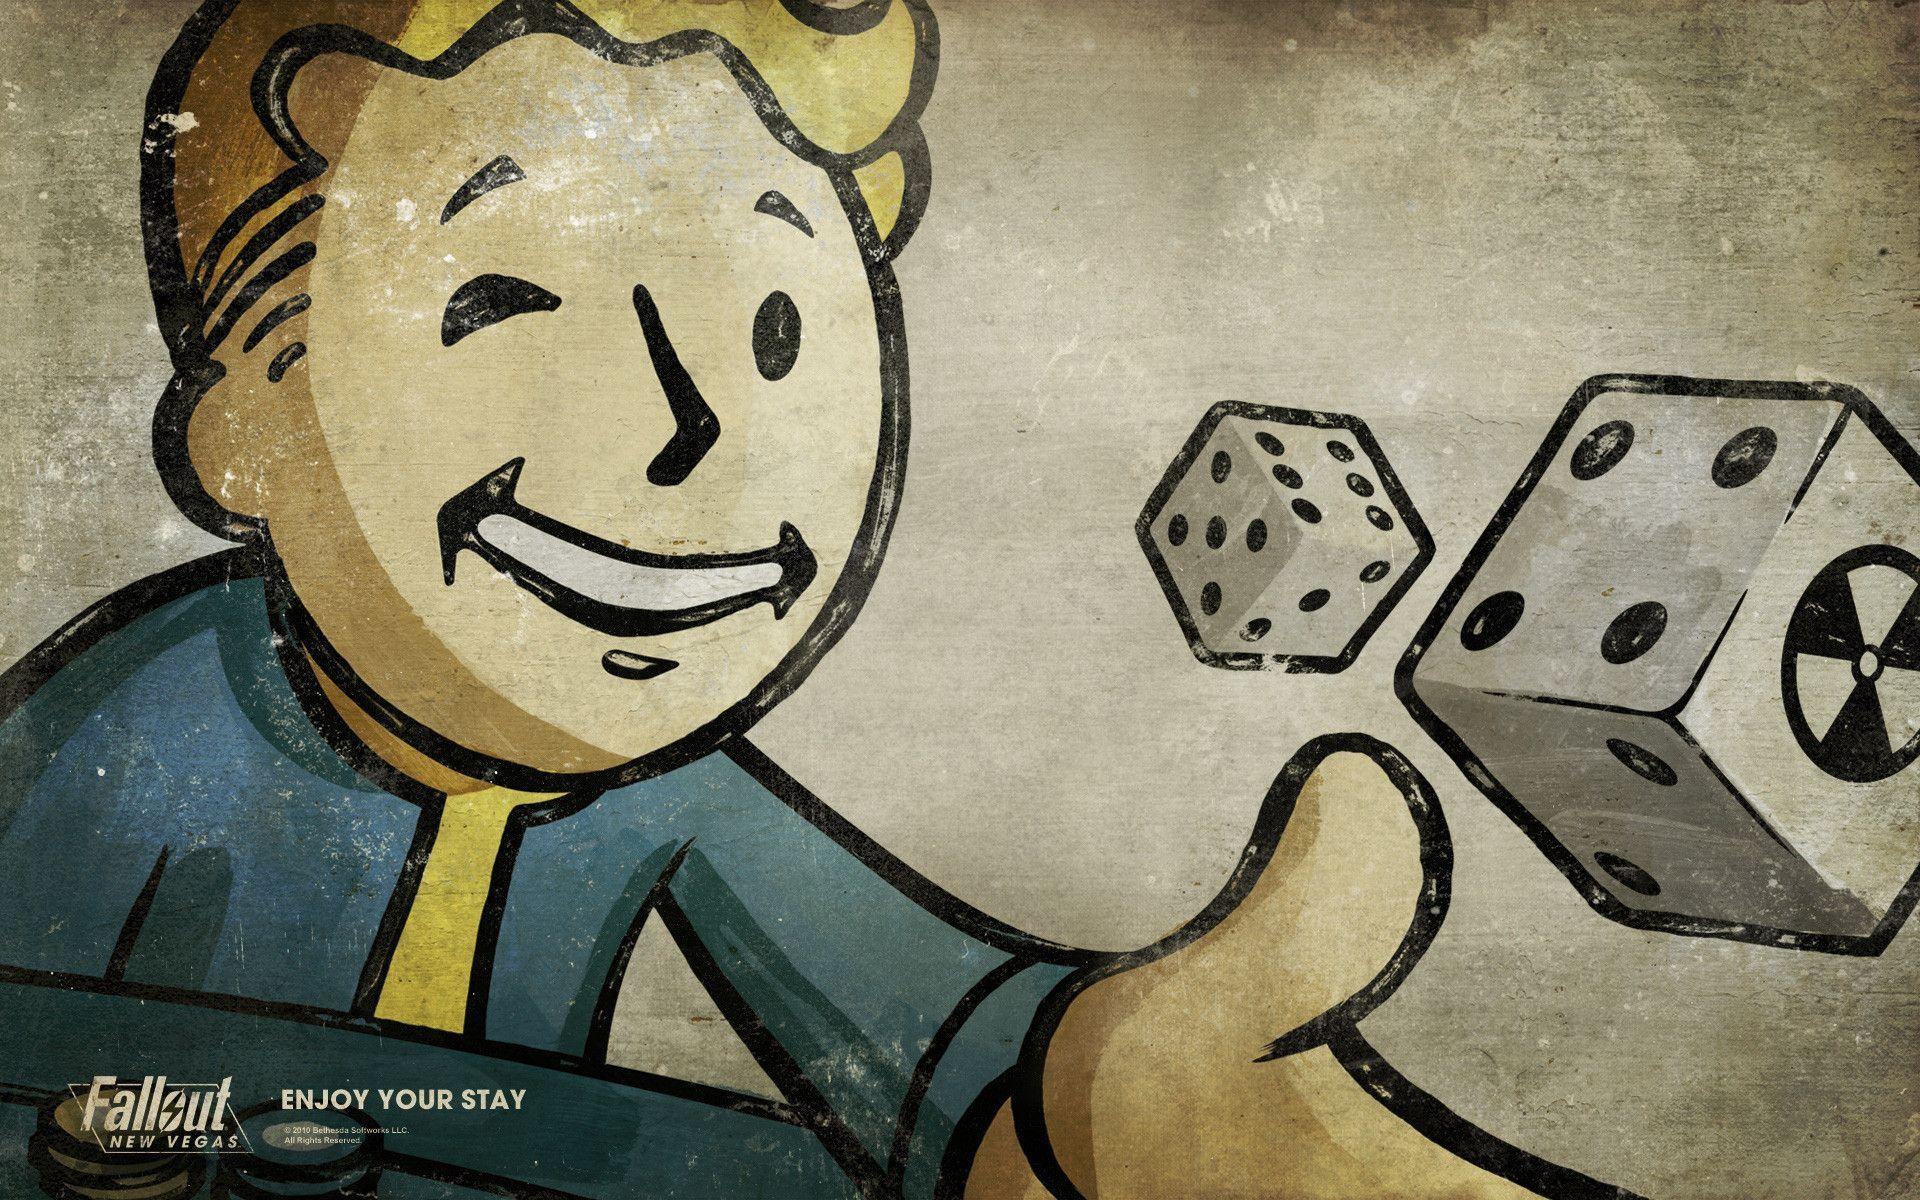 wallpaper.wiki-Fallout-Pip-Boy-HD-Photos-PIC-